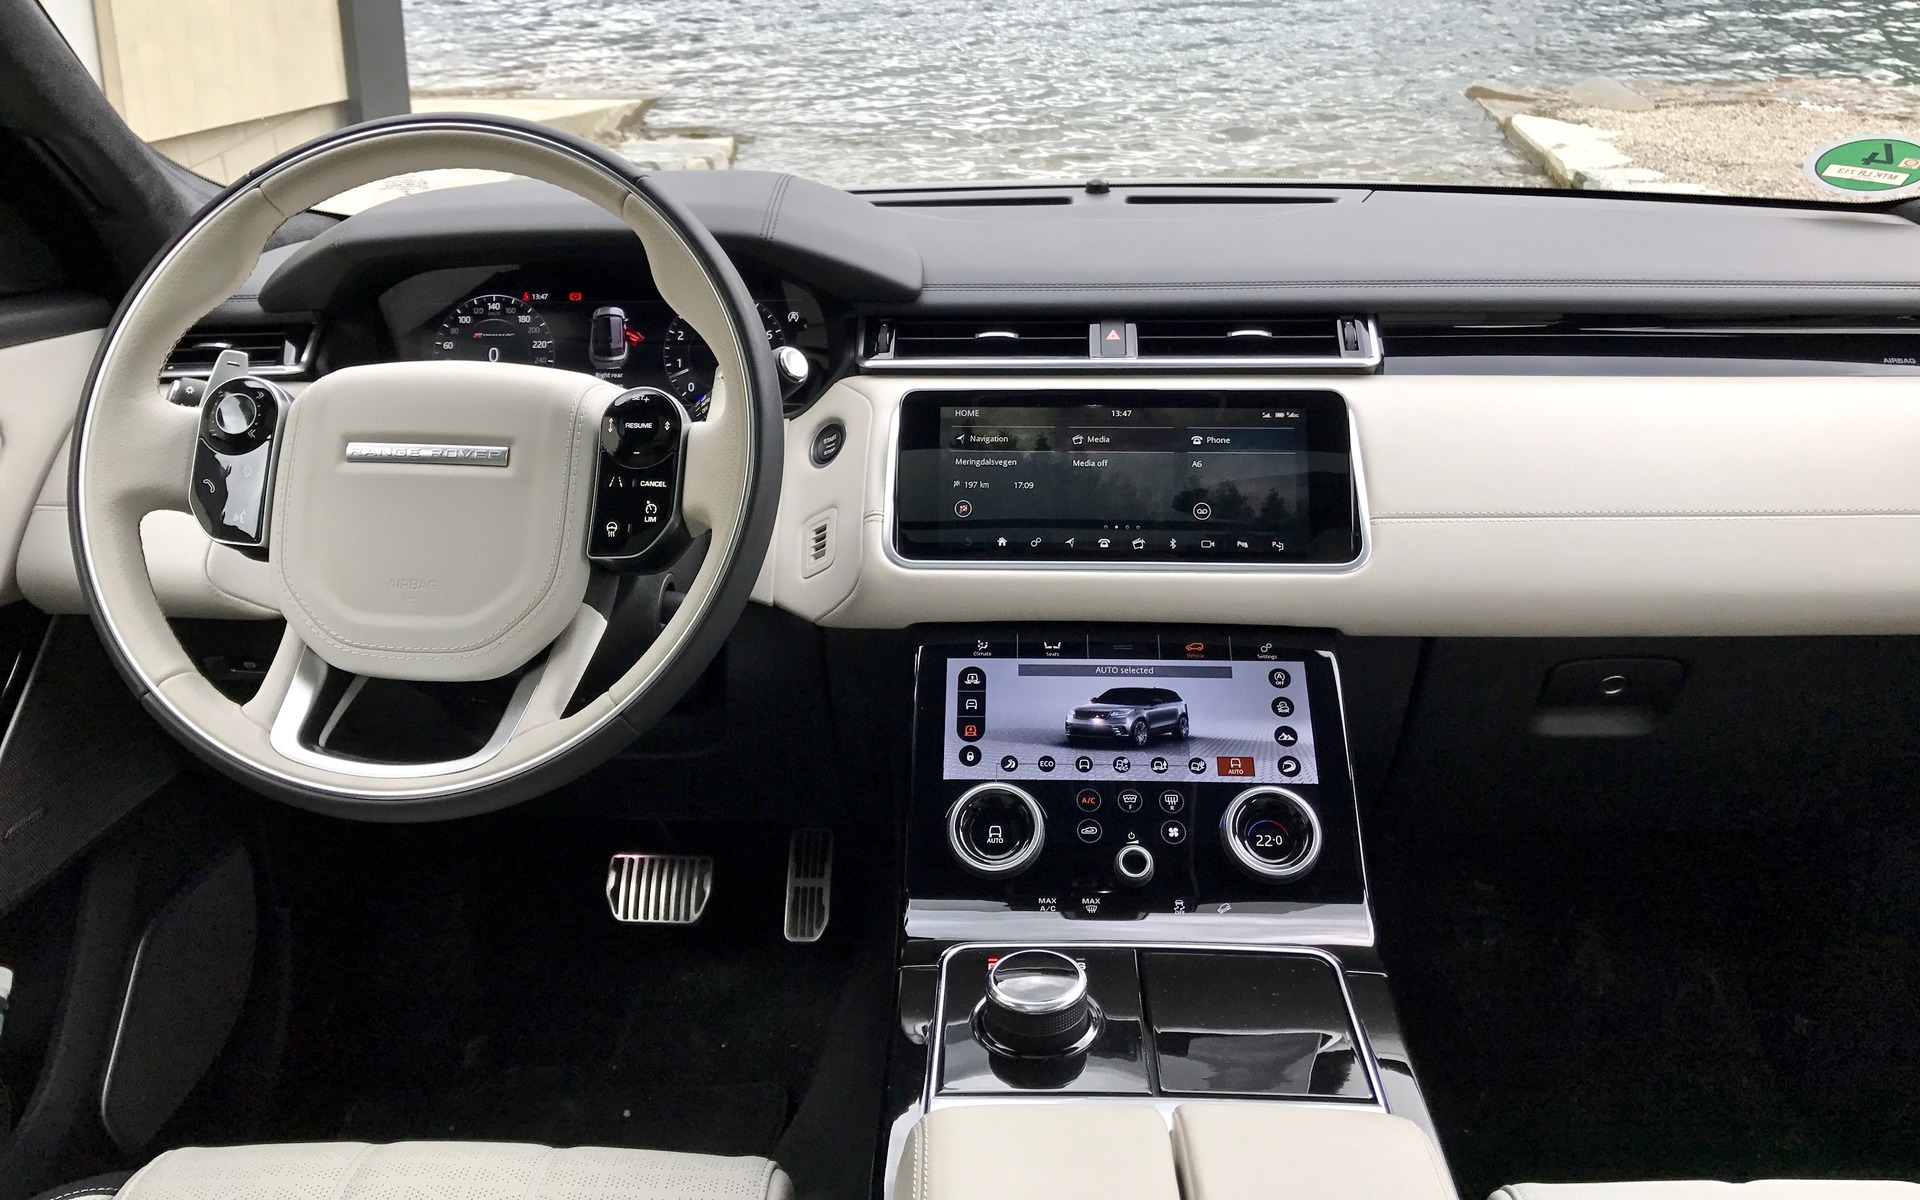 Reviews Of Range Rover >> 2018 Range Rover Velar: A Distinguished Off-roader - 3/34